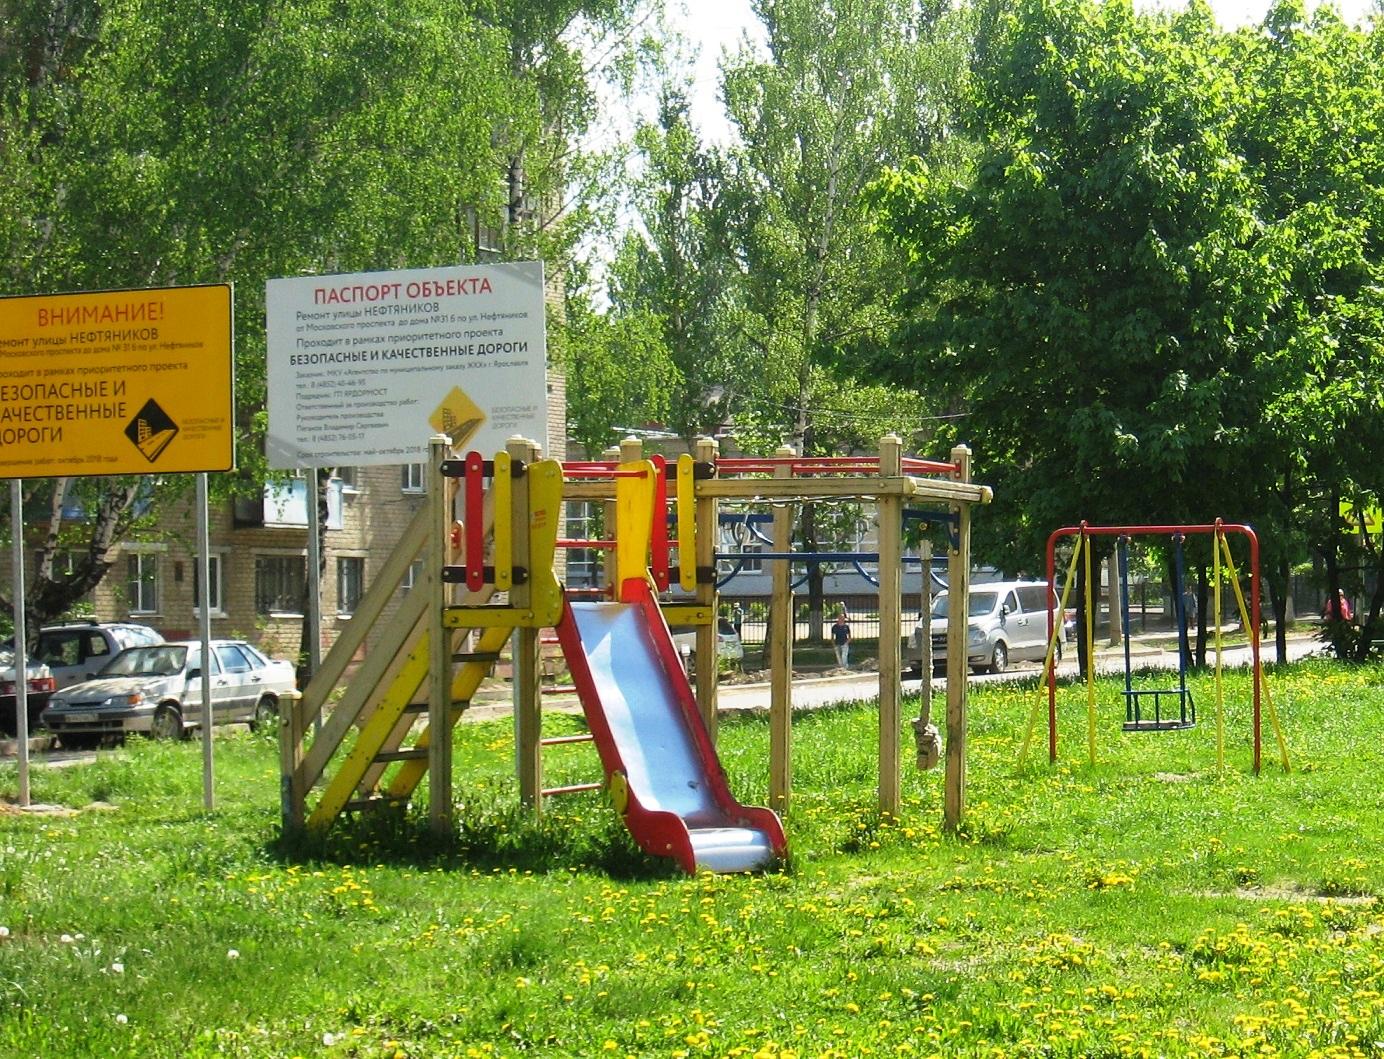 Мэрия Ярославля ответит за демонтаж детских городков